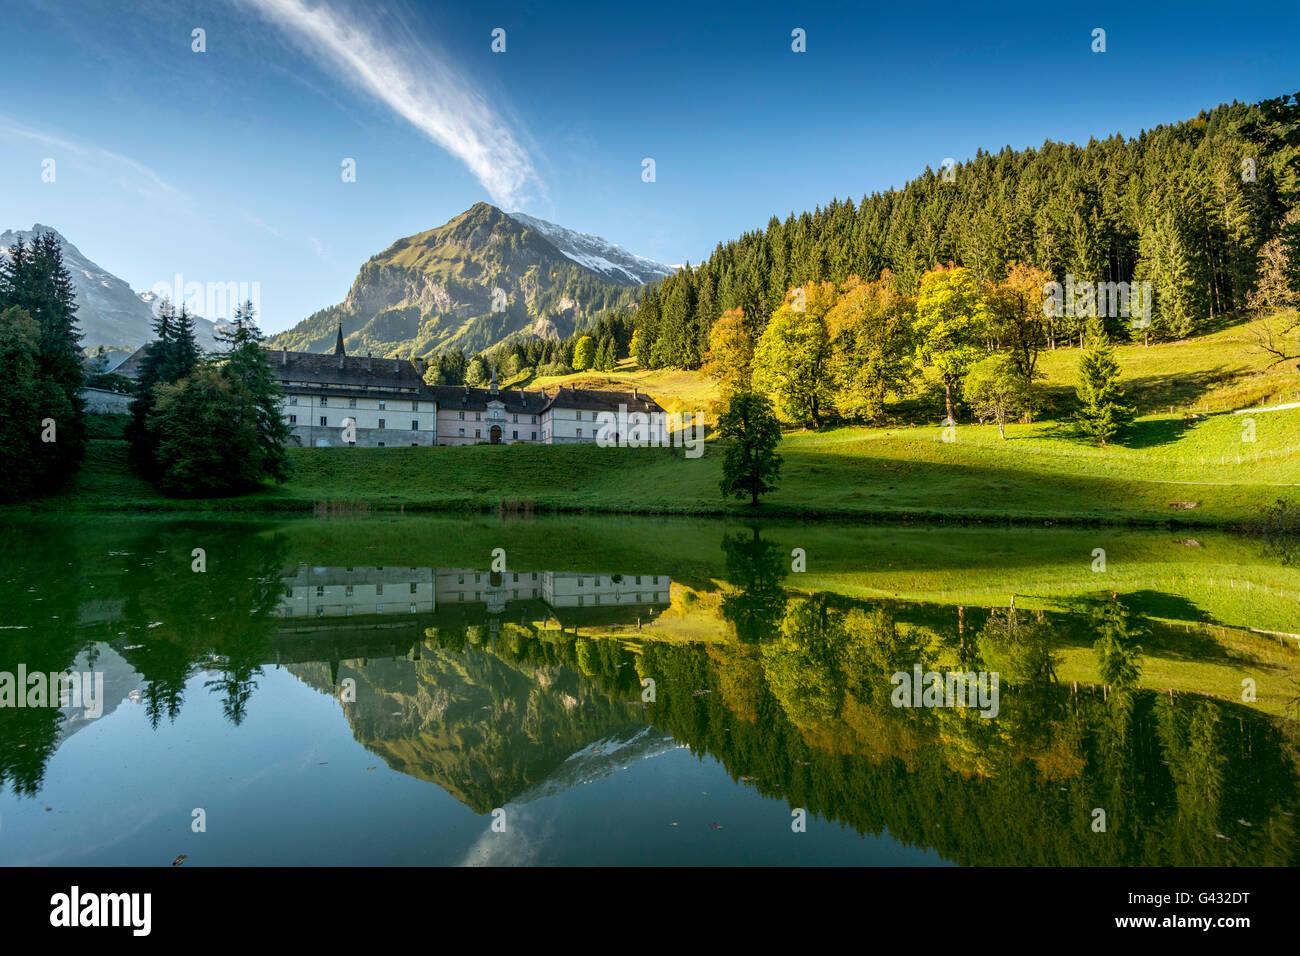 Chartreuse du Reposoir, Haute Savoie, Auvergne-Rhone-Alpes, France, Europe - Stock Image